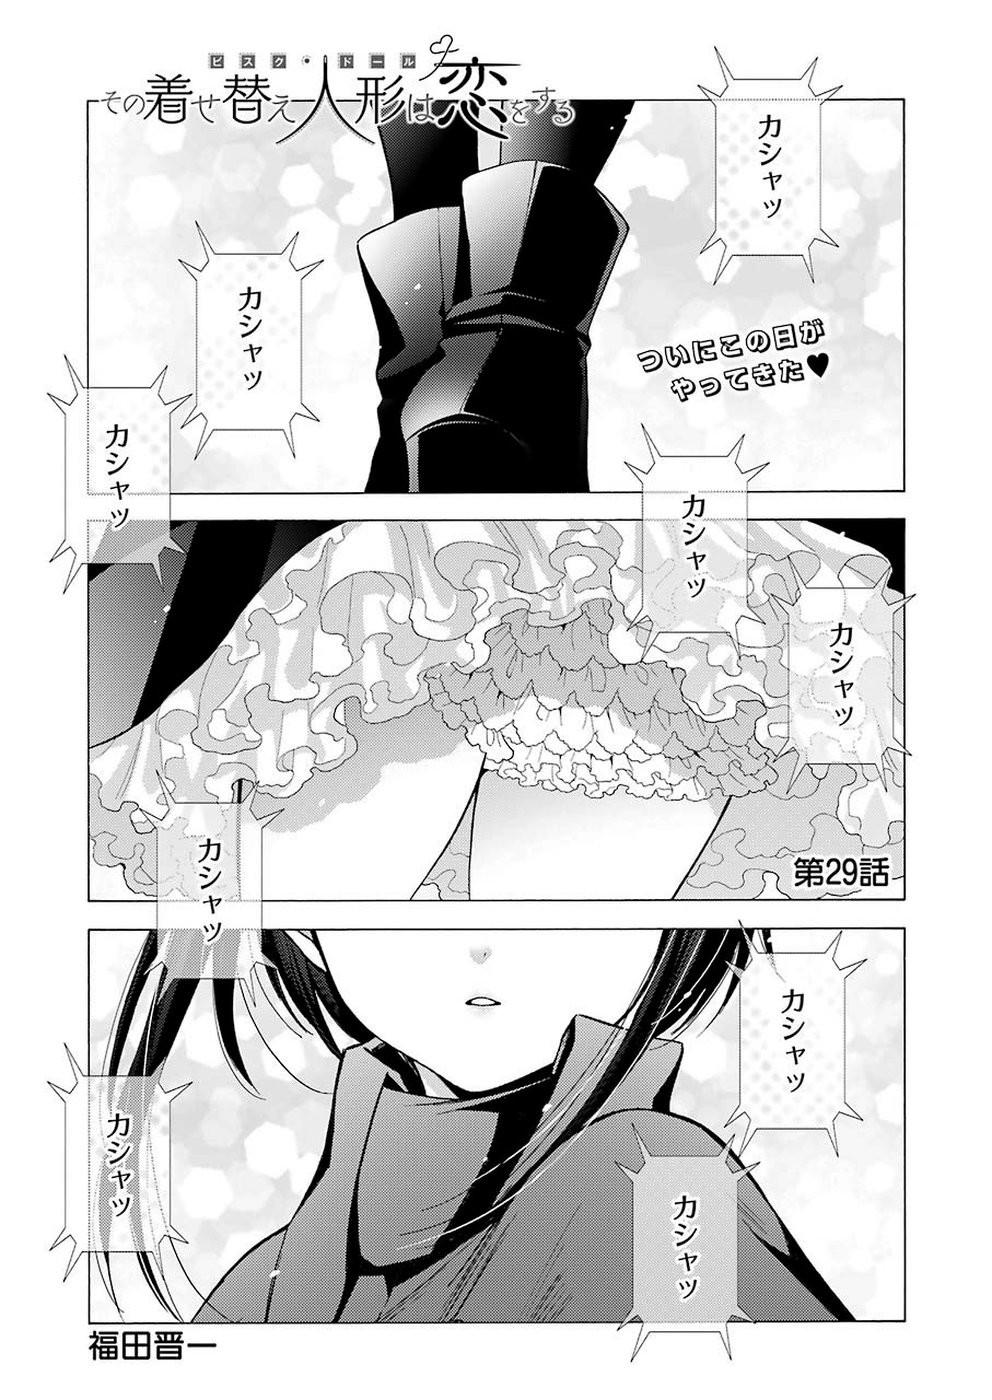 Sono-Bisque-Doll-wa-Koi-wo-Suru Chapter 29 Page 1